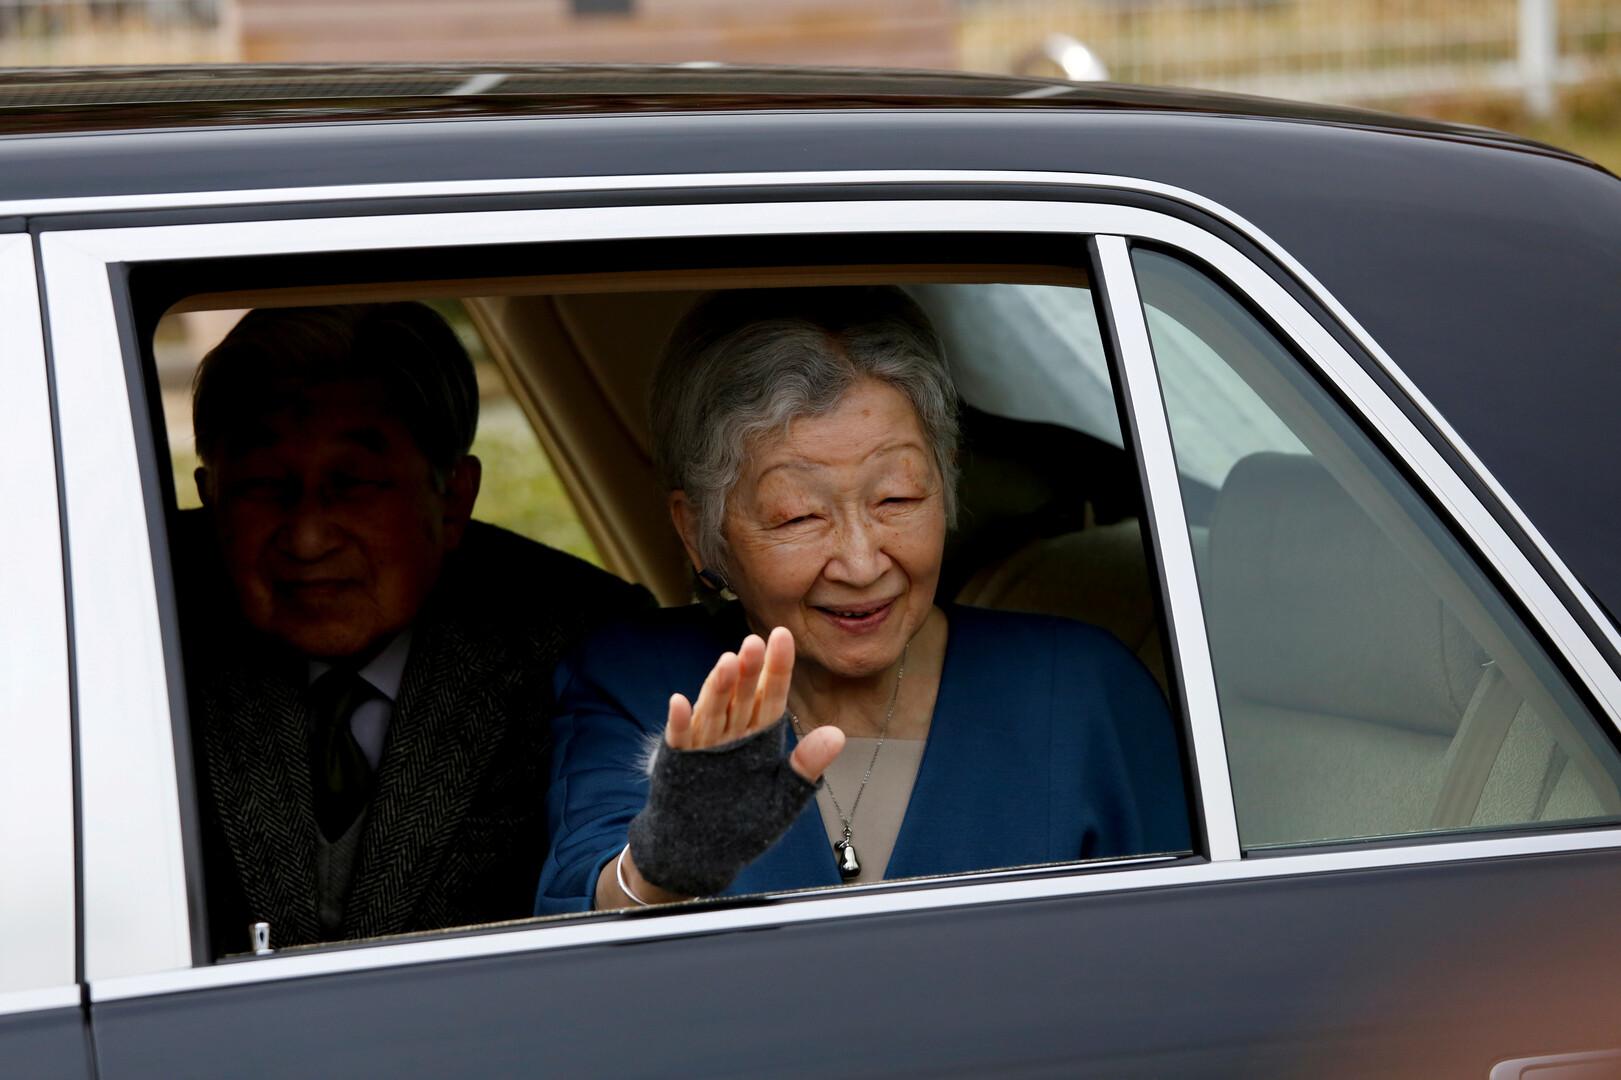 والدة إمبراطور اليابان تخضع لجراحة لاستئصال ورم سرطاني